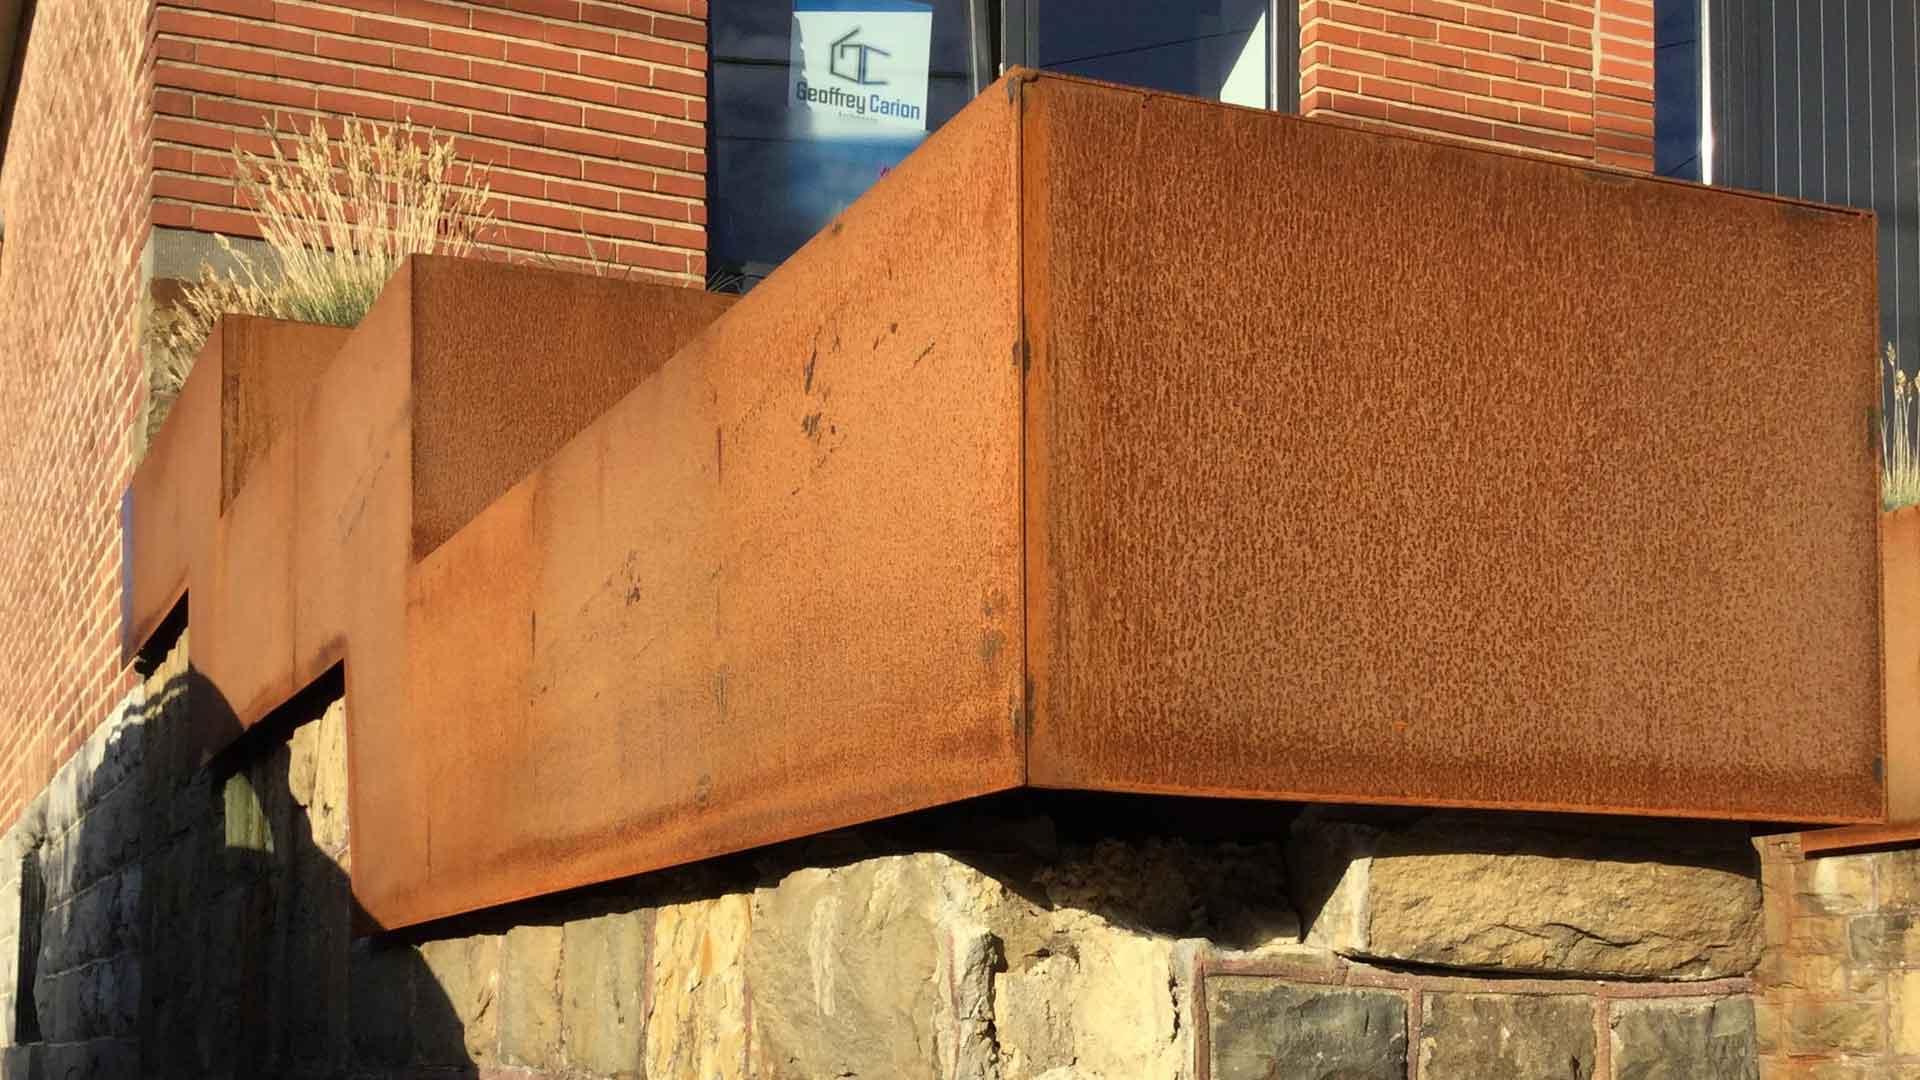 DESIGN Geoffrey_Carion bac en acier coréen. Dans la commune d'Andenne, création de bac en Acier Corten servant de bac de plantes avec intégration d'une boîte aux lettres.